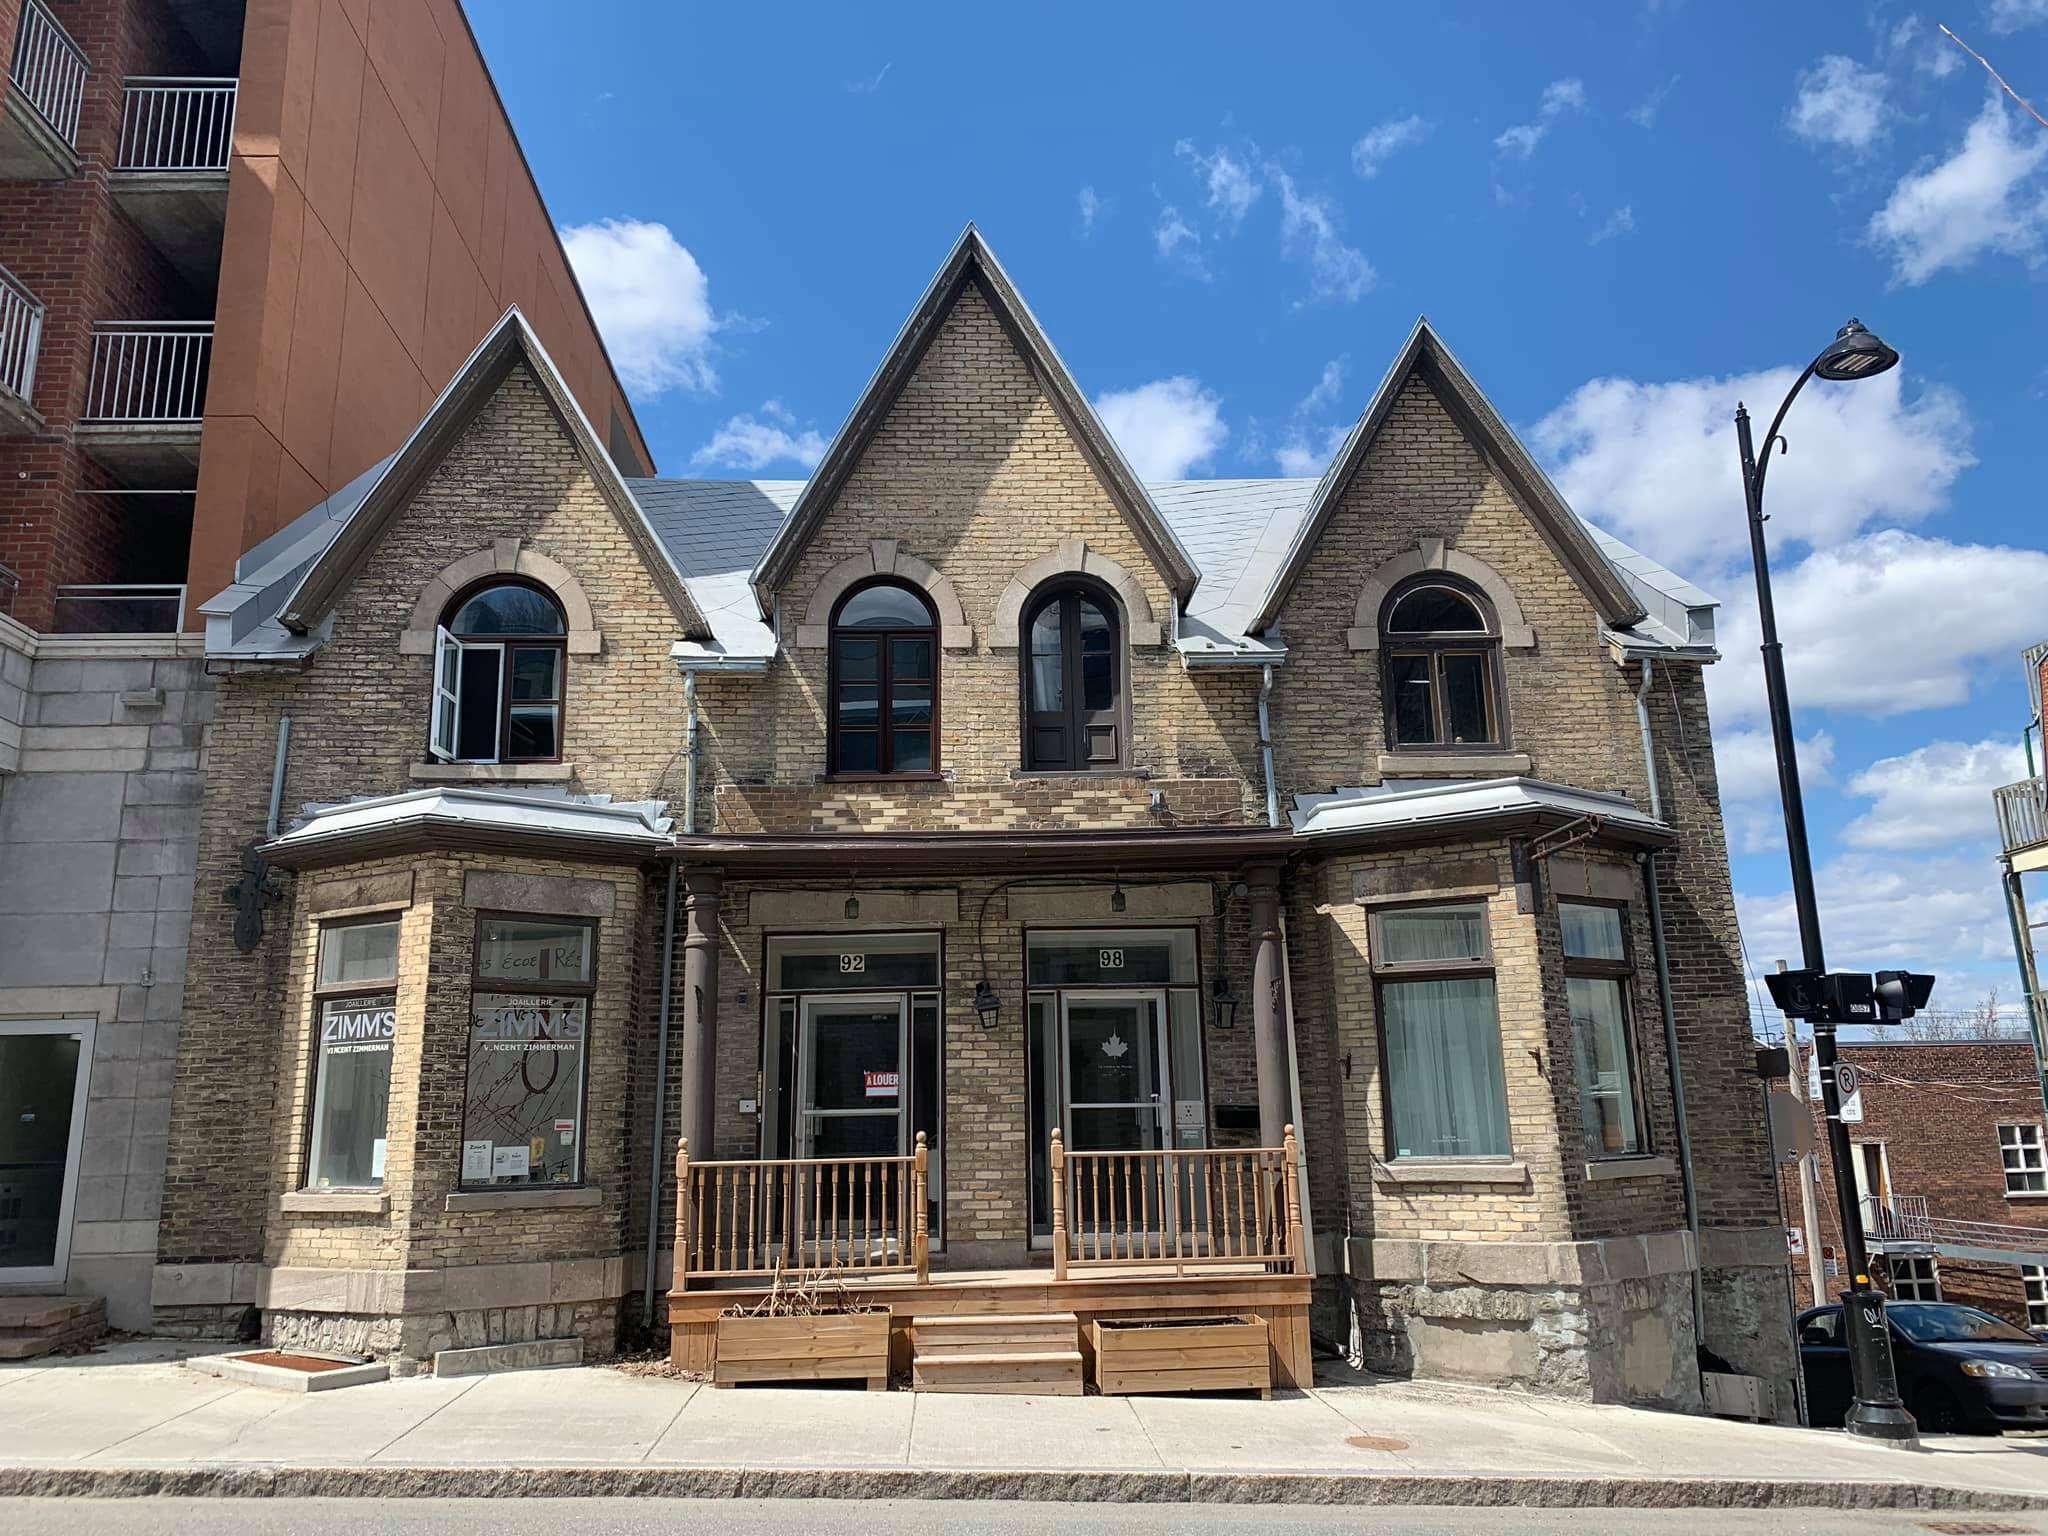 Toiture-ancestrale-Vieux-Quebec-toitures-urbi